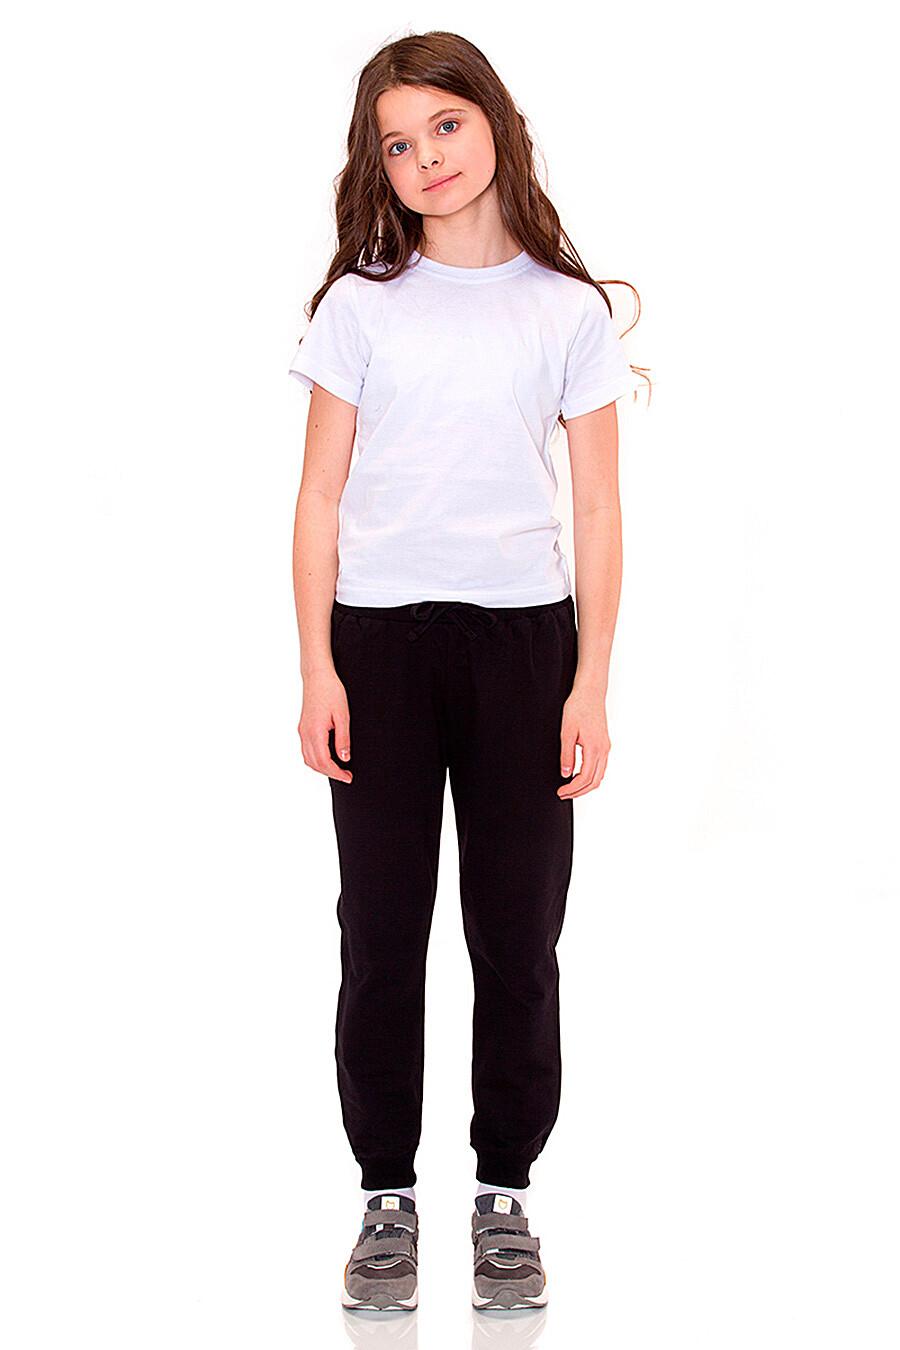 Брюки для девочек N.O.A. 247493 купить оптом от производителя. Совместная покупка детской одежды в OptMoyo